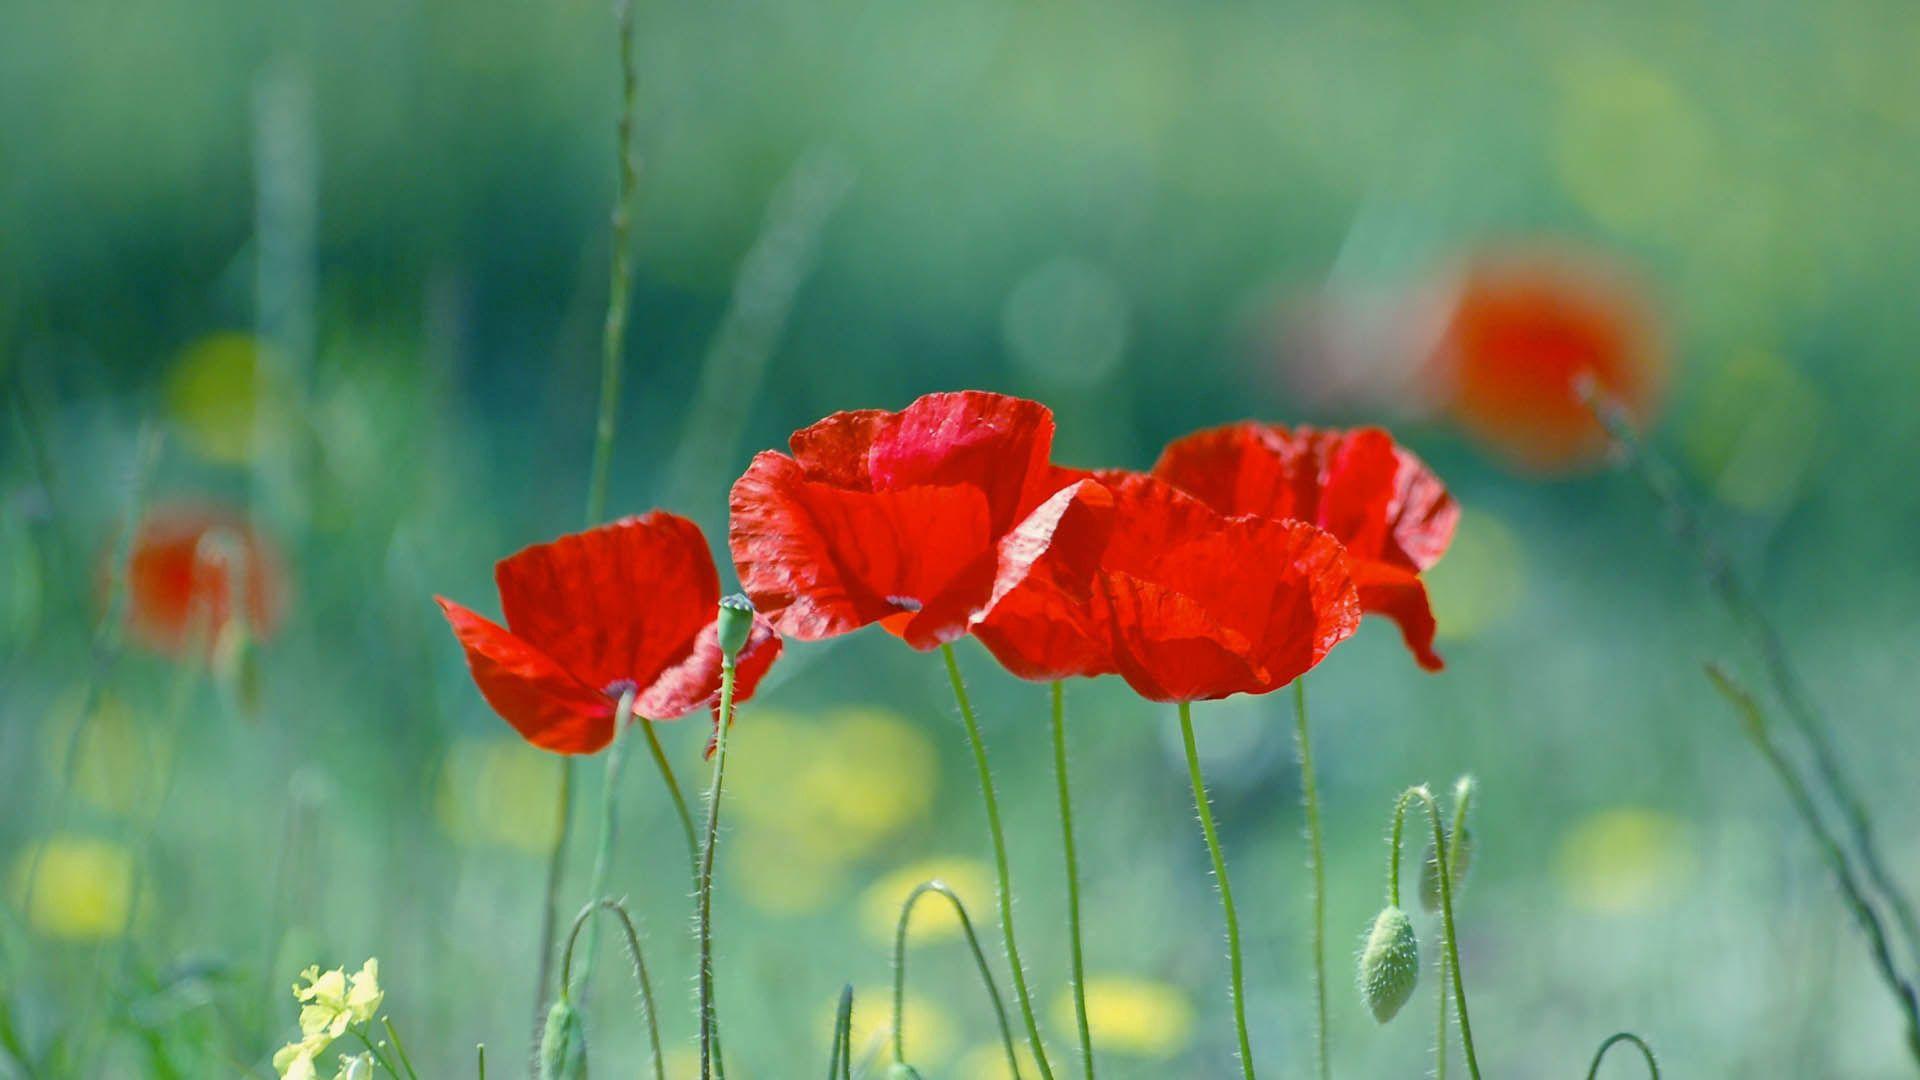 86727 скачать обои Цветы, Маки, Стебель, Красный - заставки и картинки бесплатно